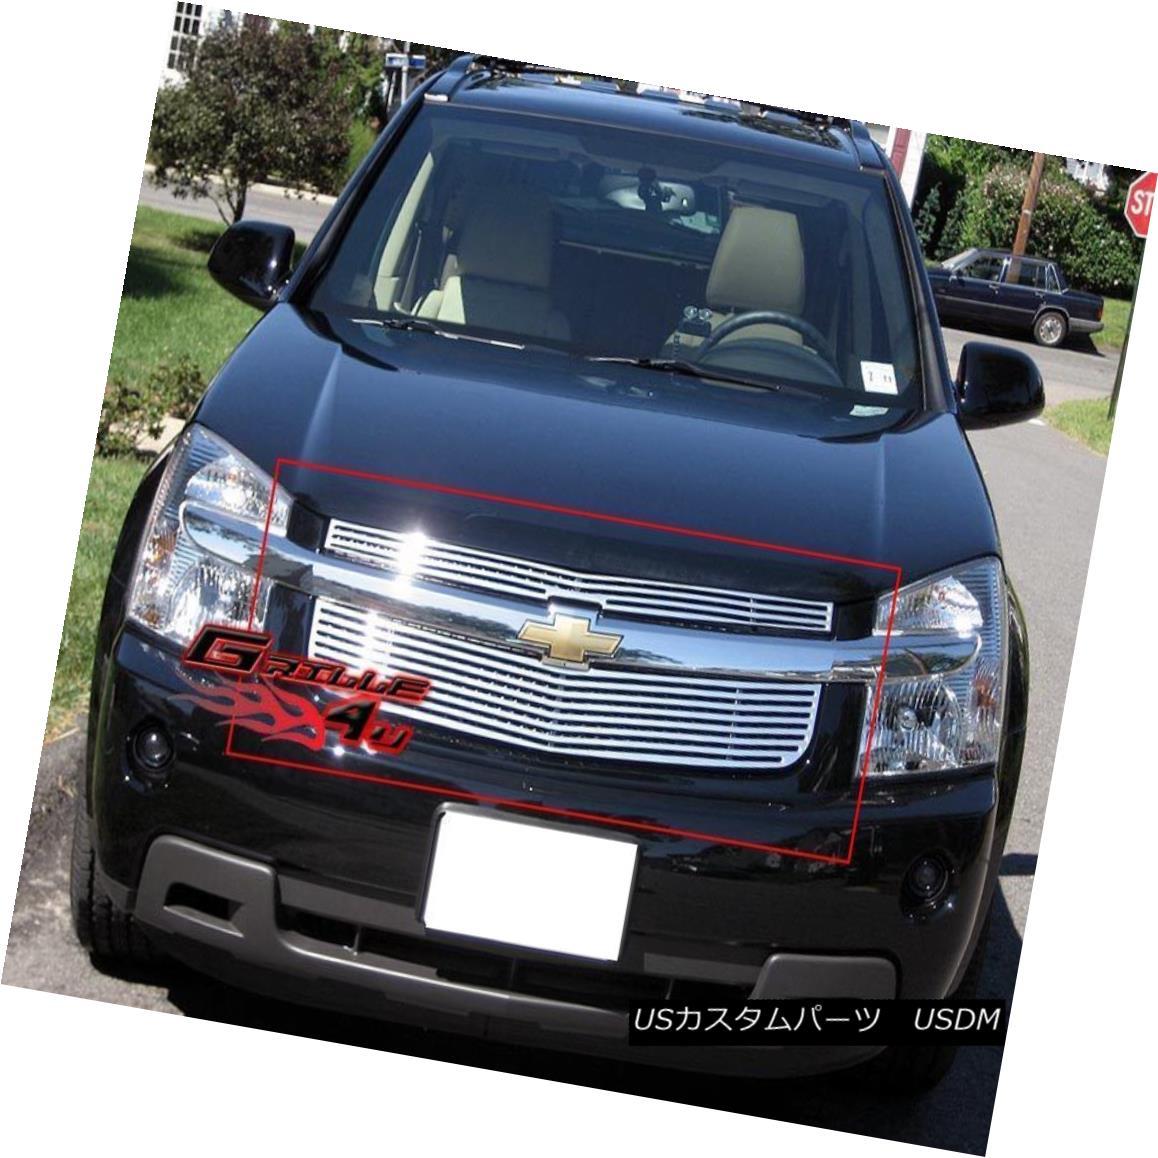 グリル For 05-09 Chevy Equinox Perimeter Grille Insert 05-09 Chevy Equinoxペリメーターグリルインサート